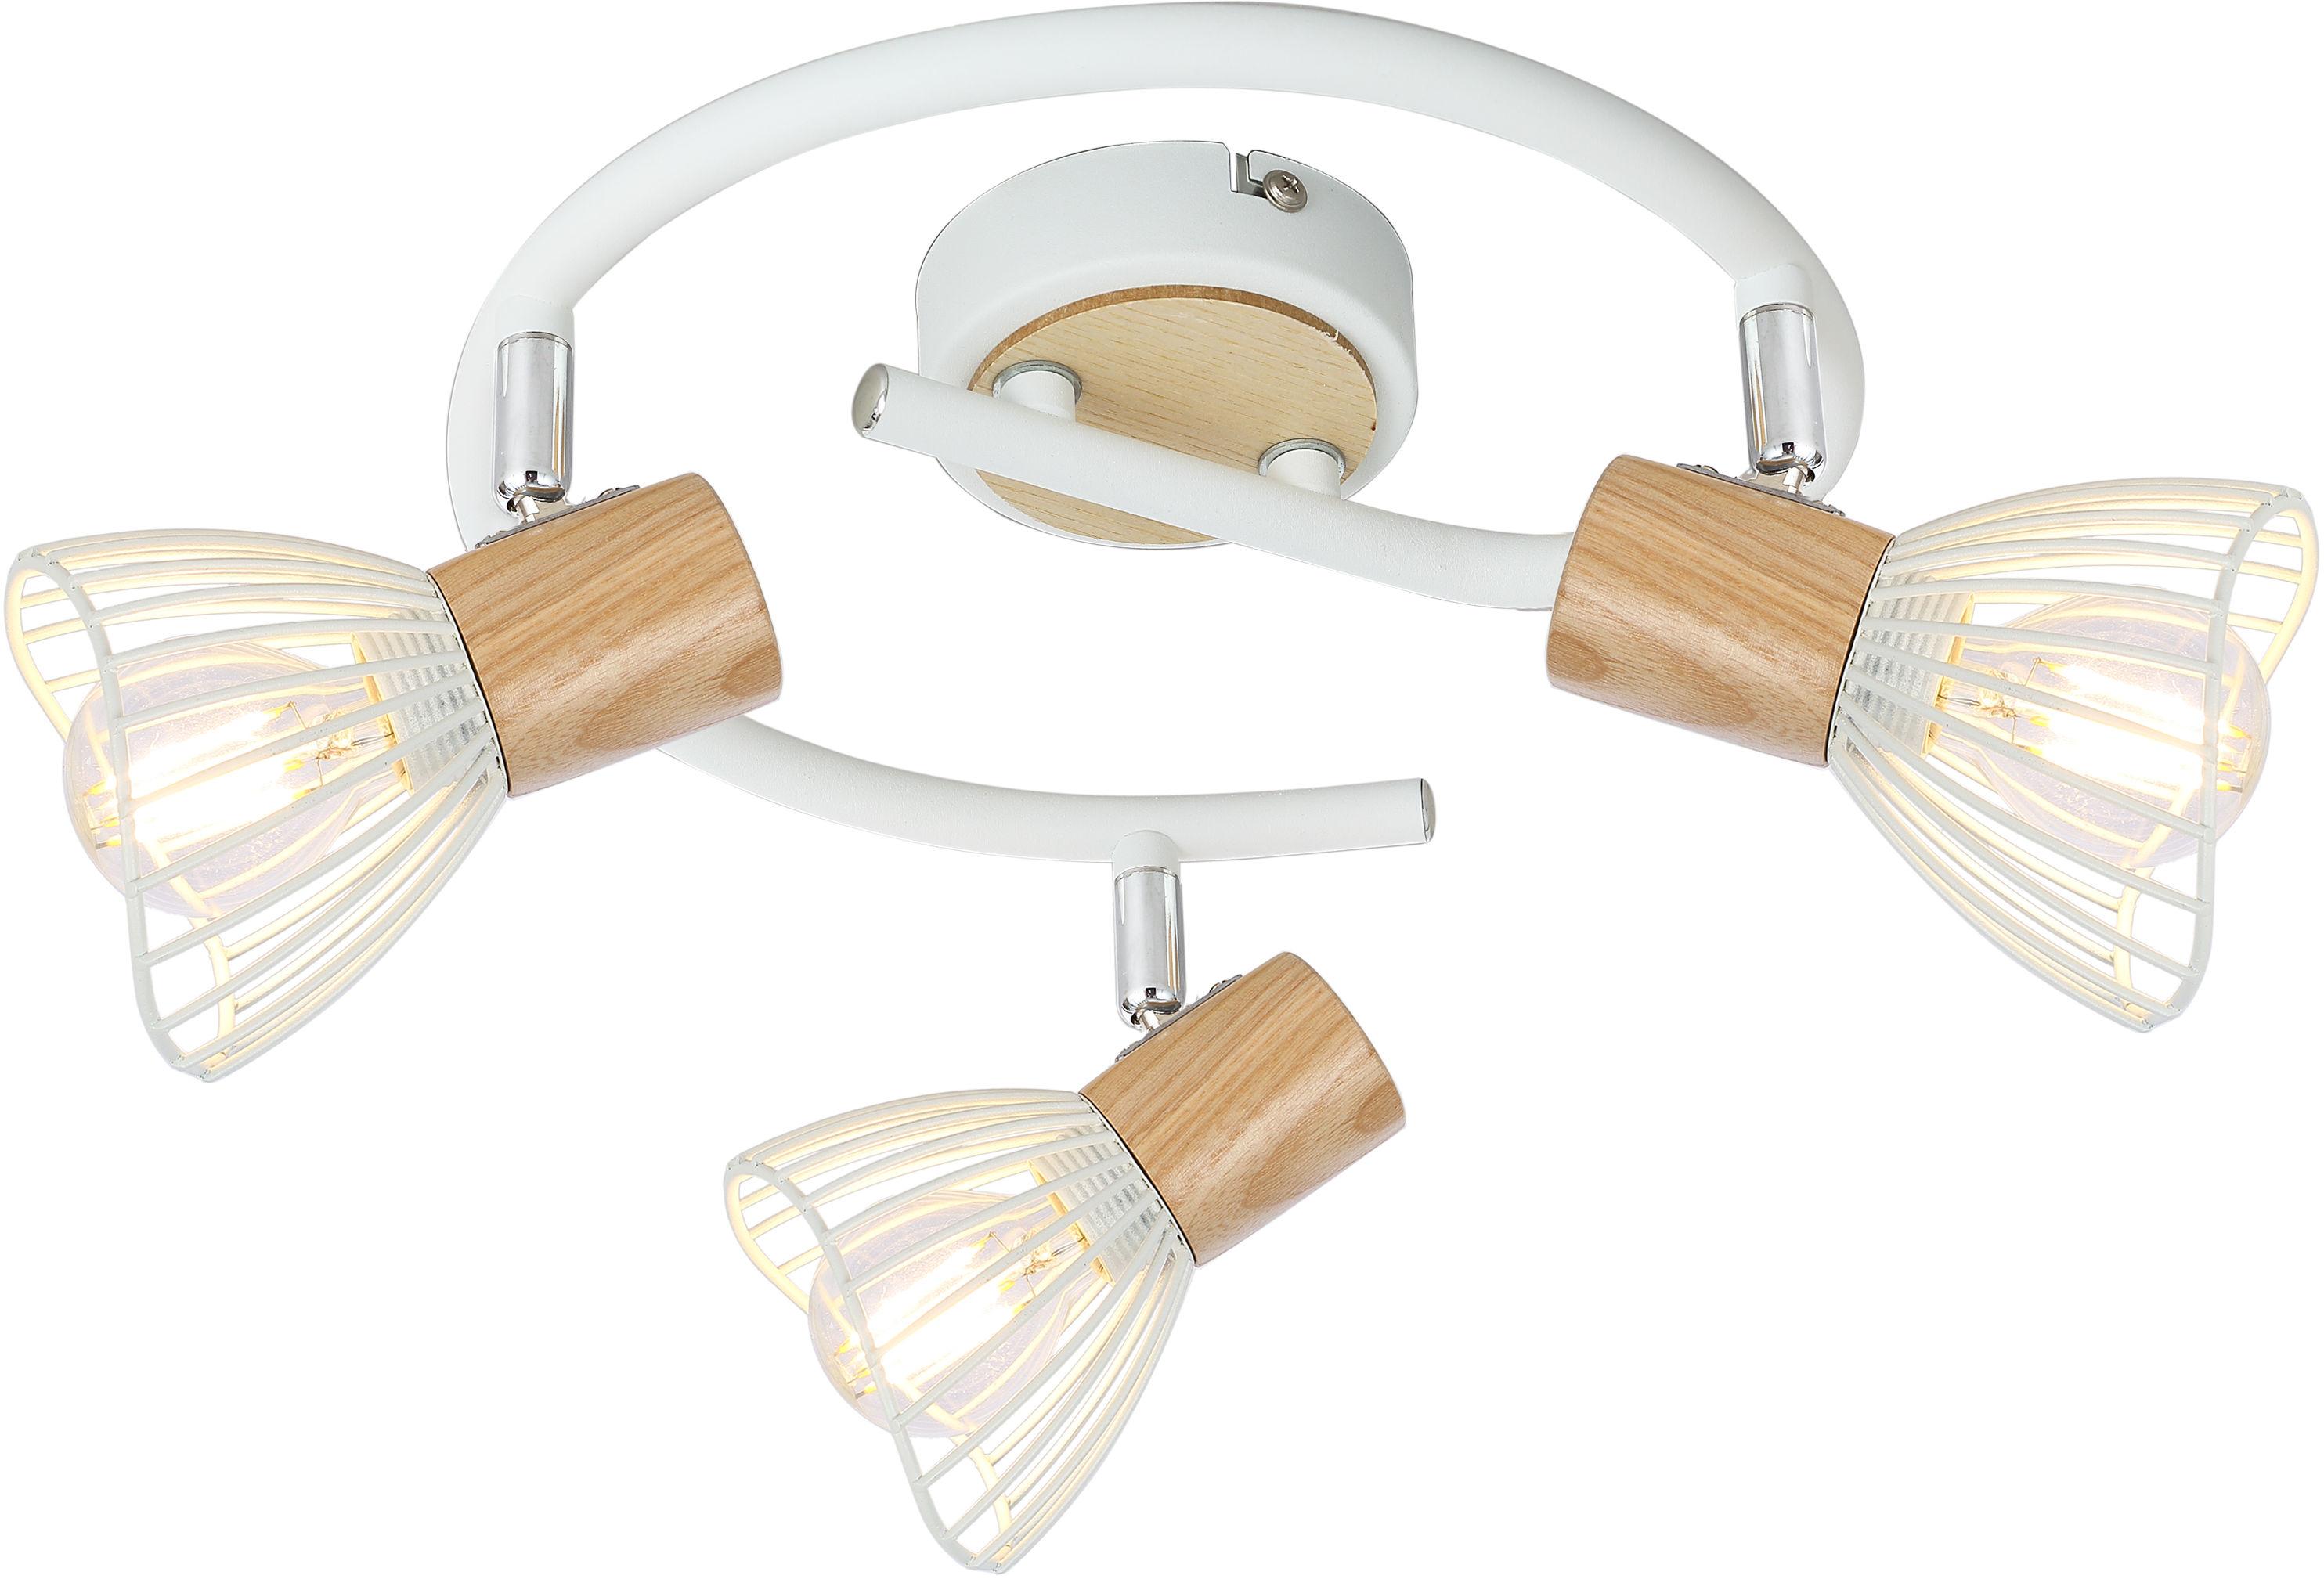 Candellux CHILE 98-61652 plafon lampa sufitowa biała 3x25W E14 drewno metalowy abażur 42cm